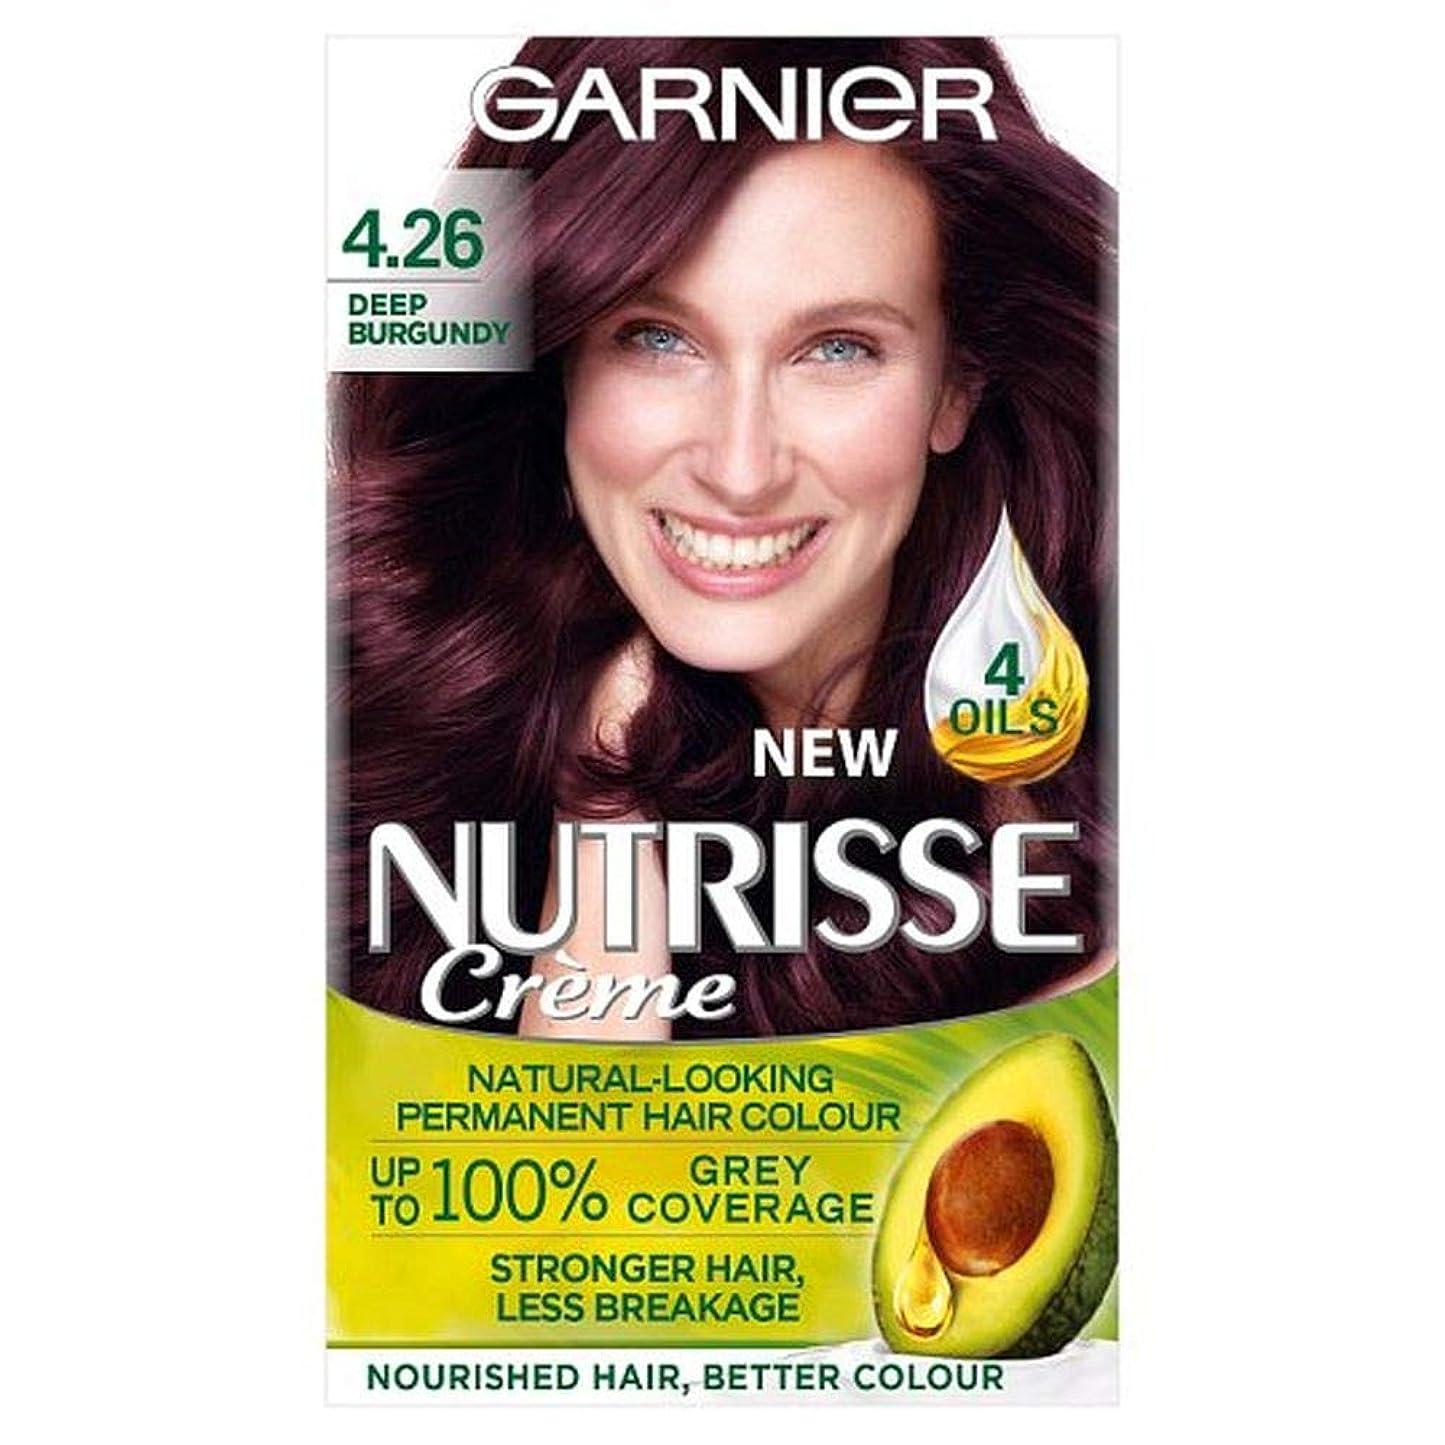 脱走矢じりうなずく[Nutrisse] ガルニエNutrisse 4.26深いBgndy赤いパーマネントヘアダイ - Garnier Nutrisse 4.26 Deep Bgndy Red Permanent Hair Dye [並行輸入品]